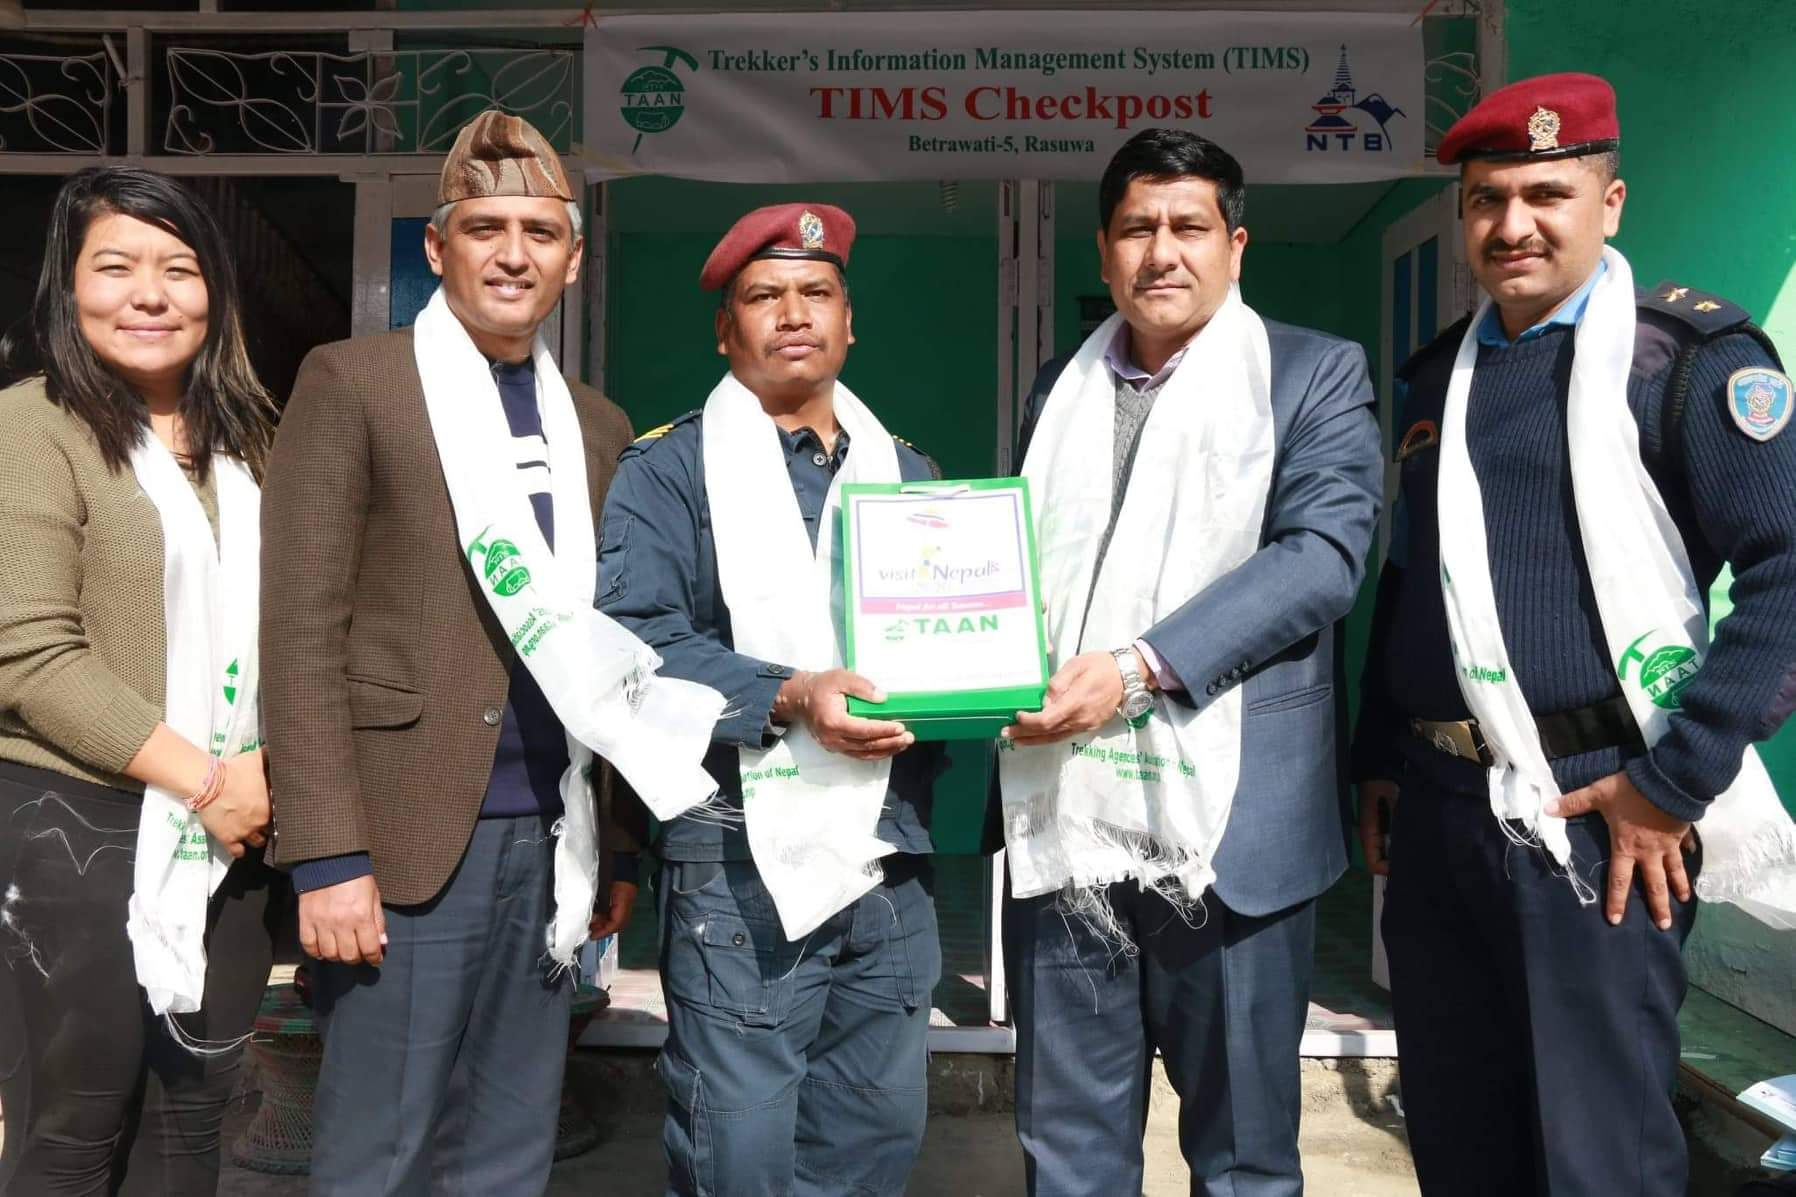 टानले रसुवाको बेत्रावतीमा टिम्स चेकपोष्टको गर्यो स्थापना